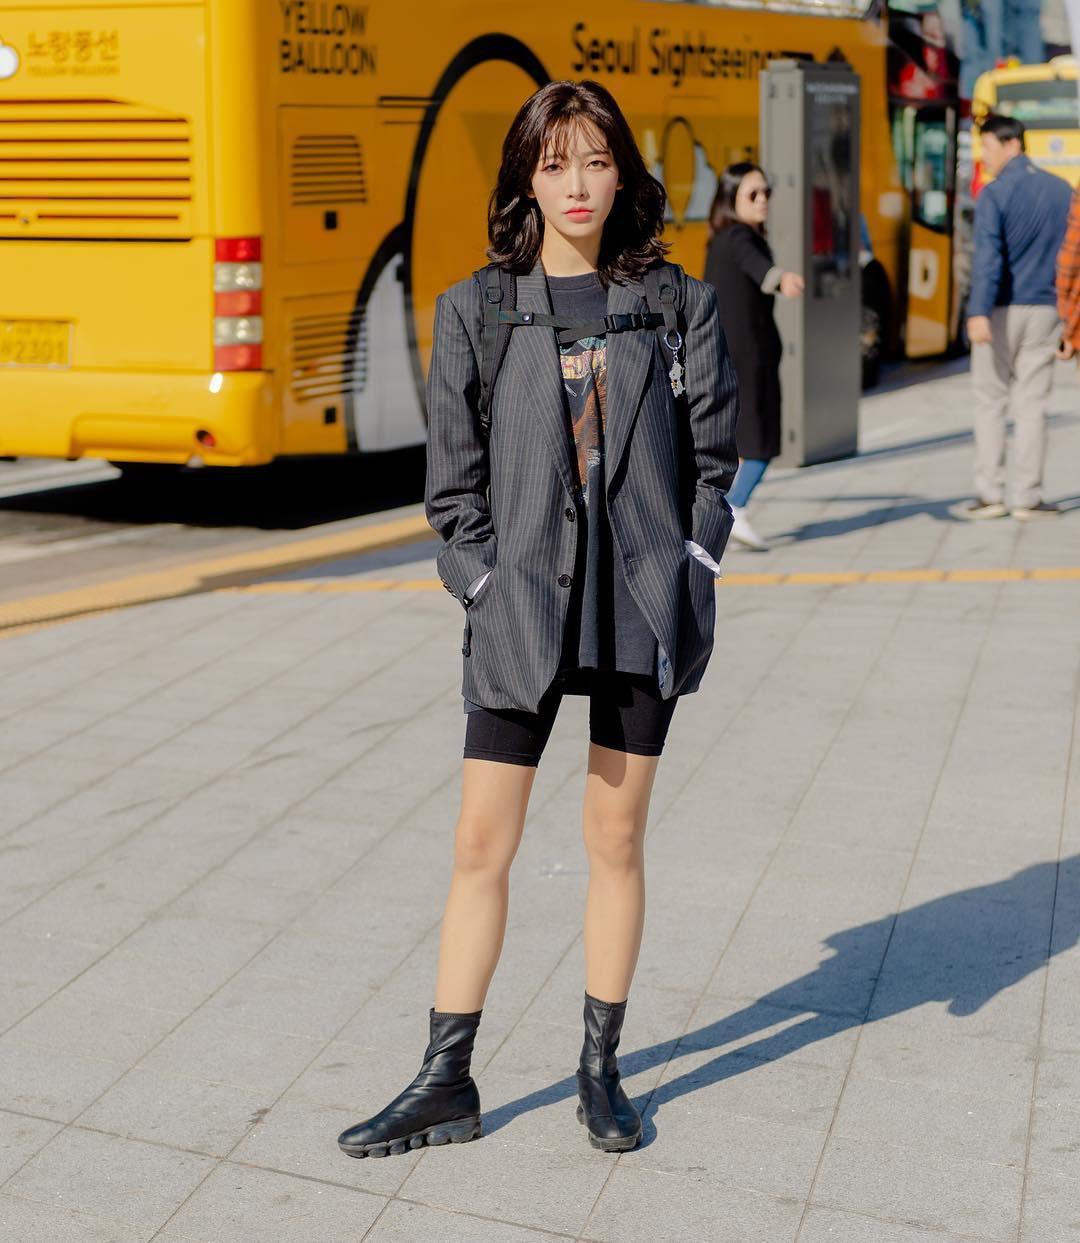 Street style giới trẻ Hàn tuần qua chứng minh: mix đồ đơn giản, thoải mái luôn là đẹp và cool nhất - Ảnh 9.